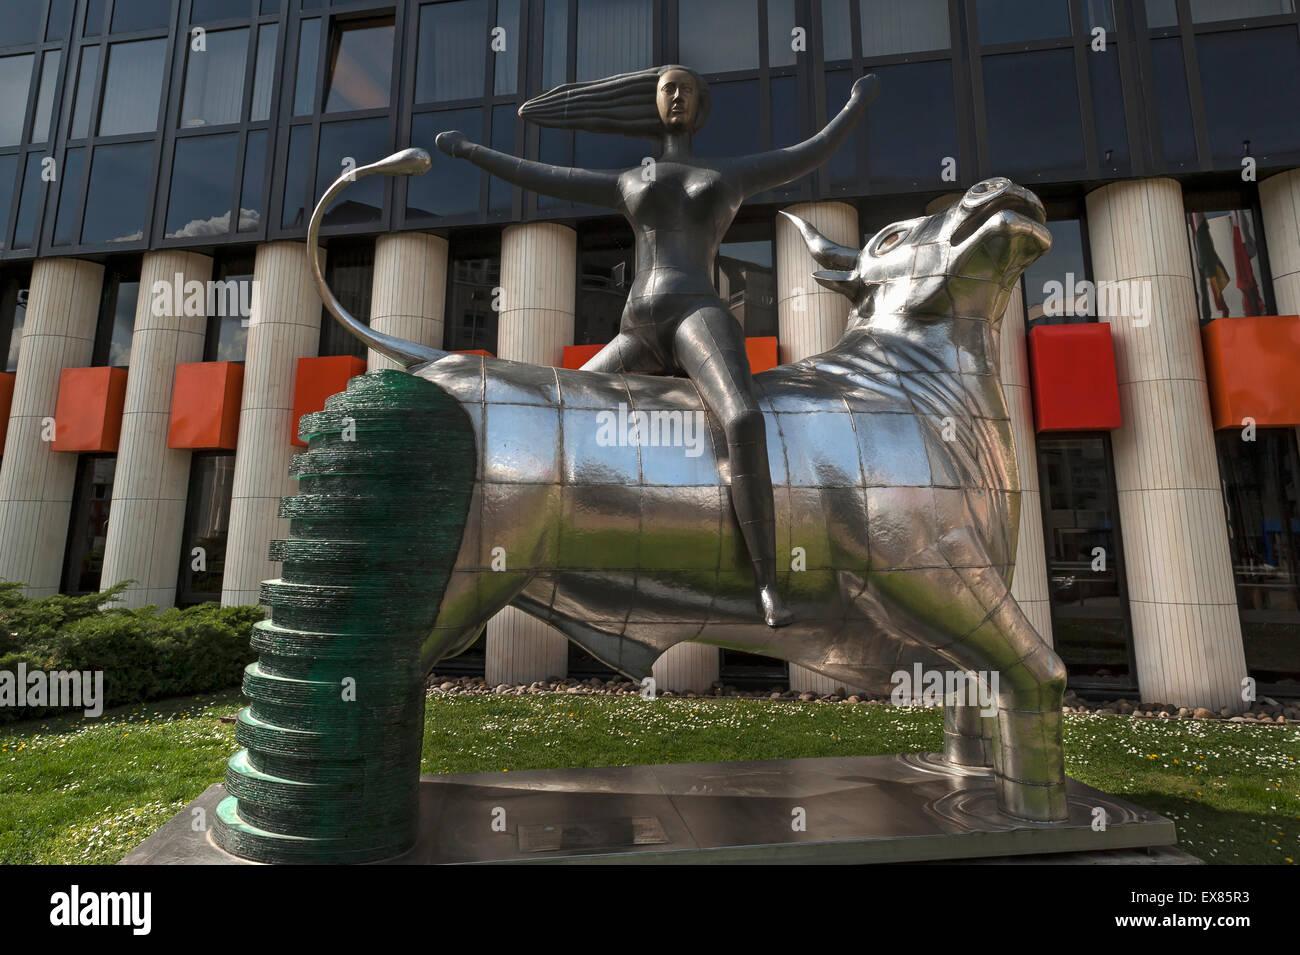 """La escultura """"El rapto de Europa"""", un regalo de Creta al Parlamento Europeo en 2005, delante de un edificio en la Foto de stock"""